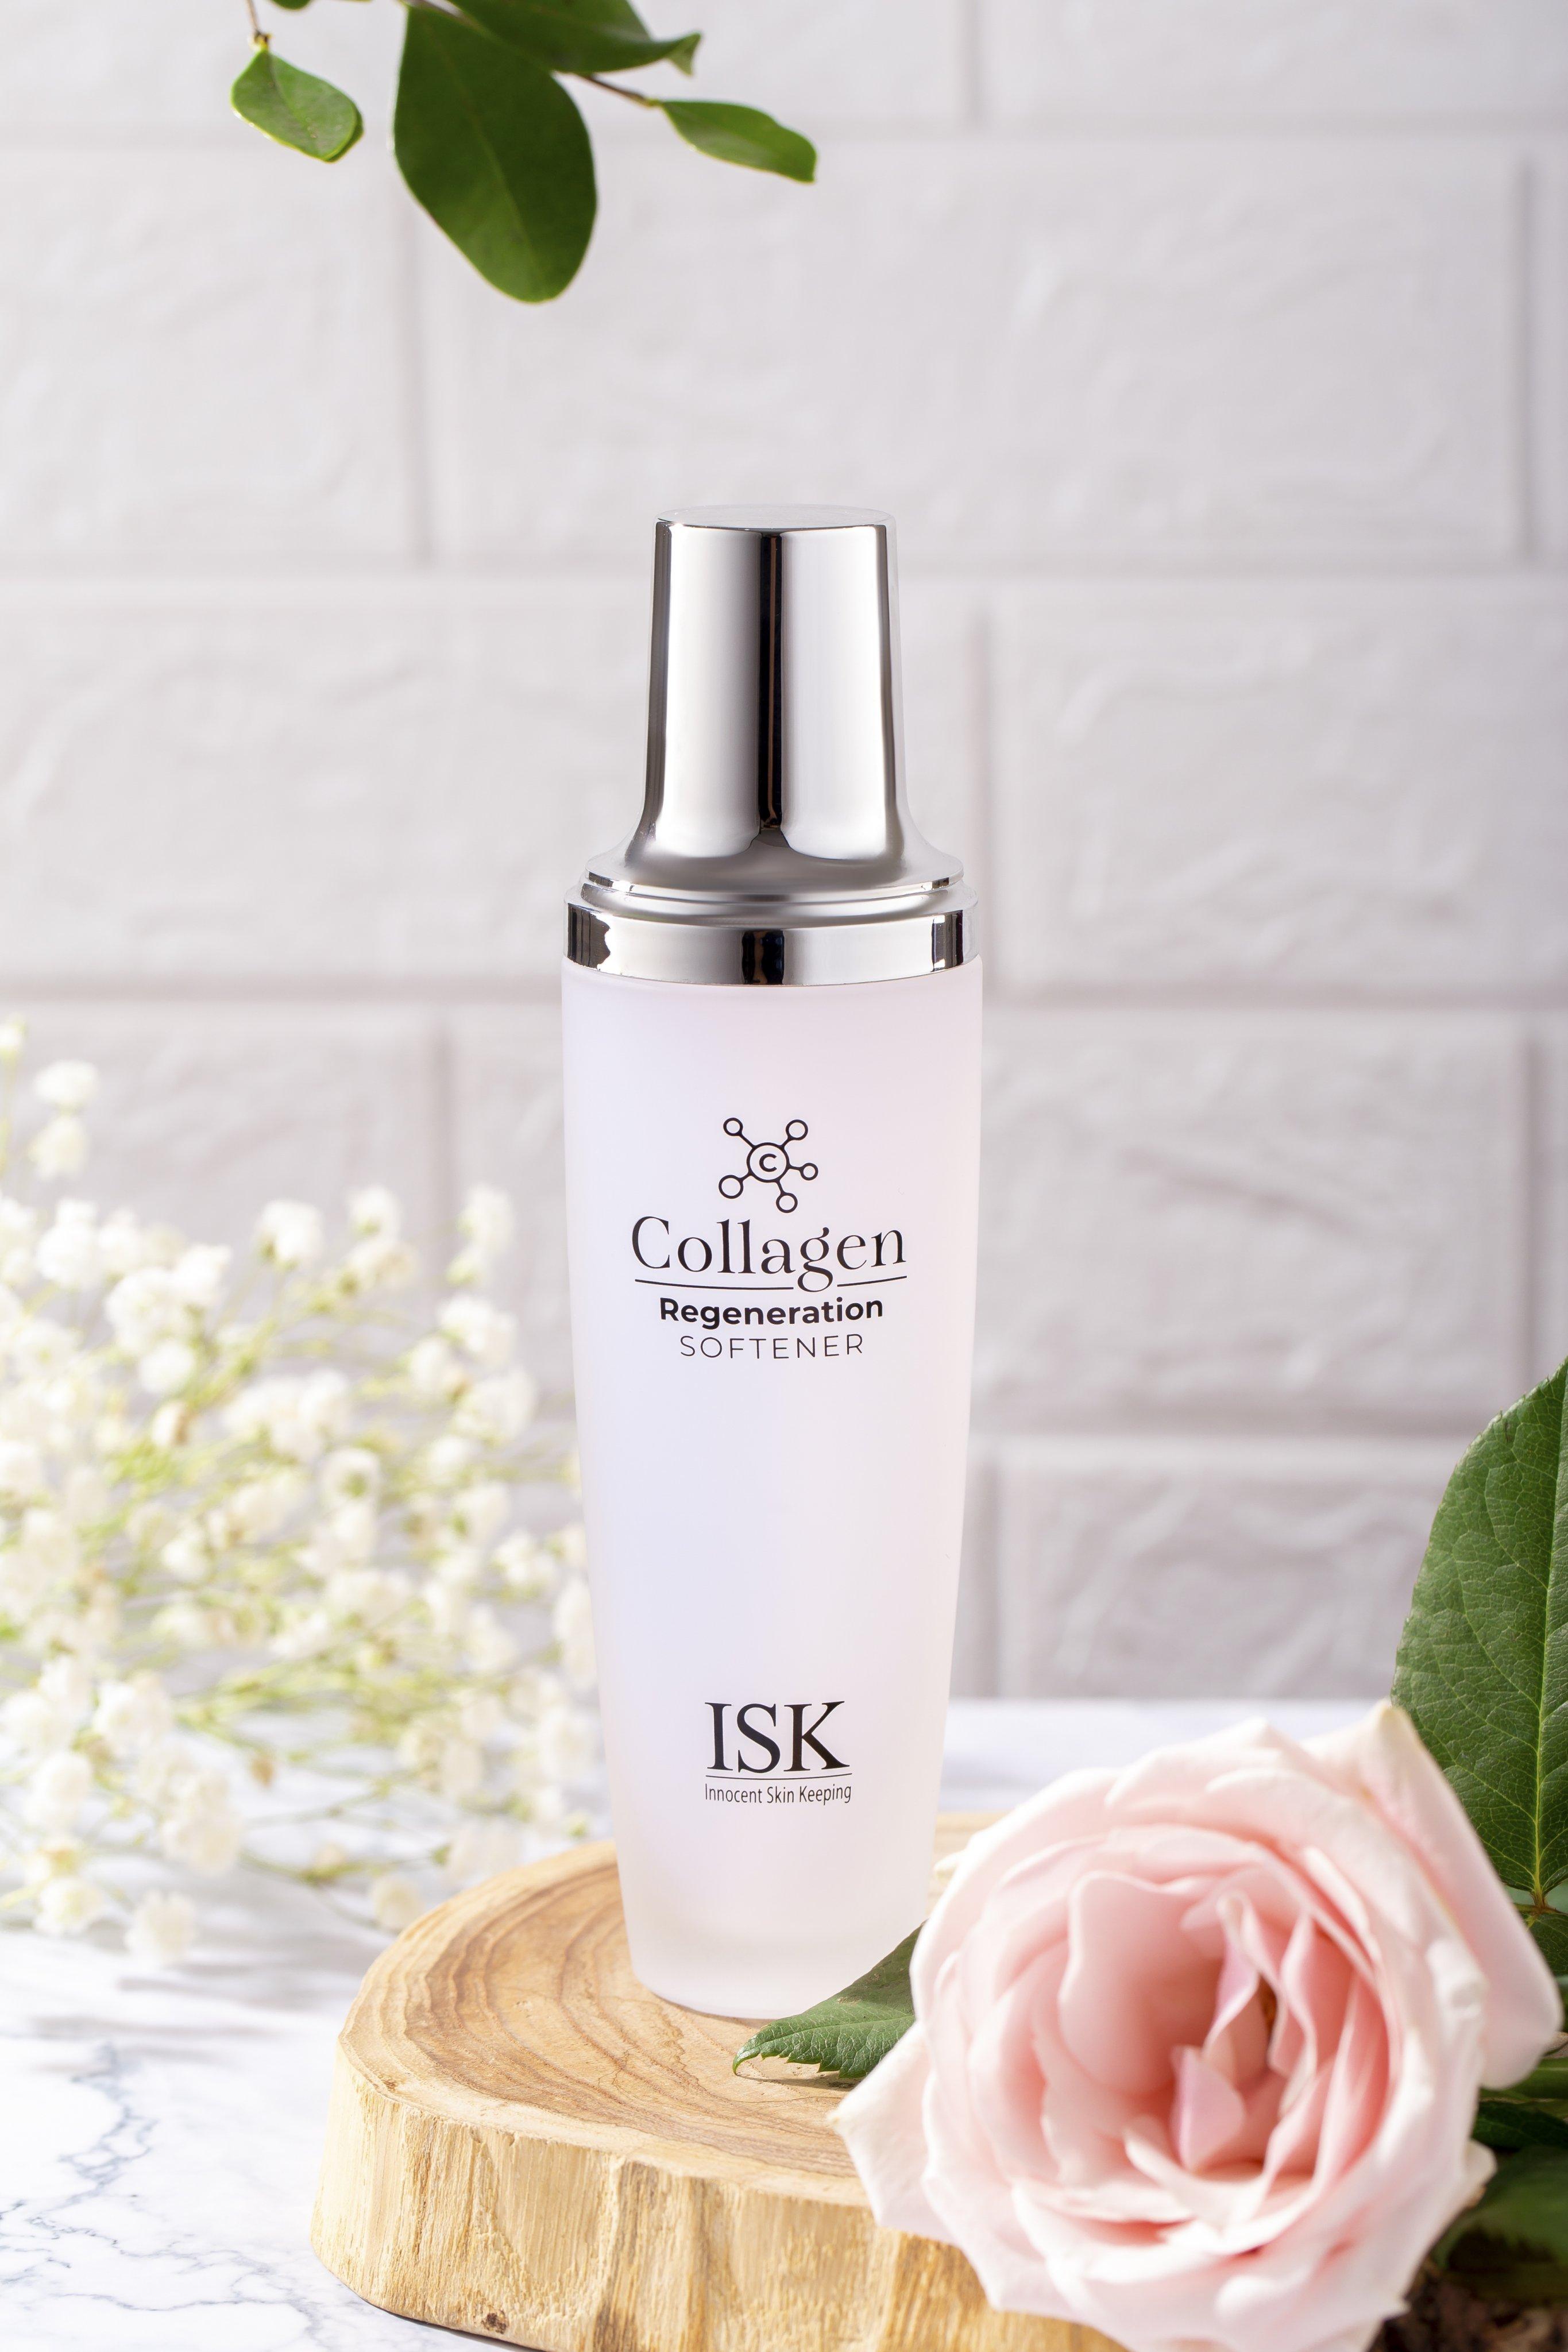 Nước Hoa Hồng Collagen dưỡng ẩm trẻ hóa làn da ISK - 130ml